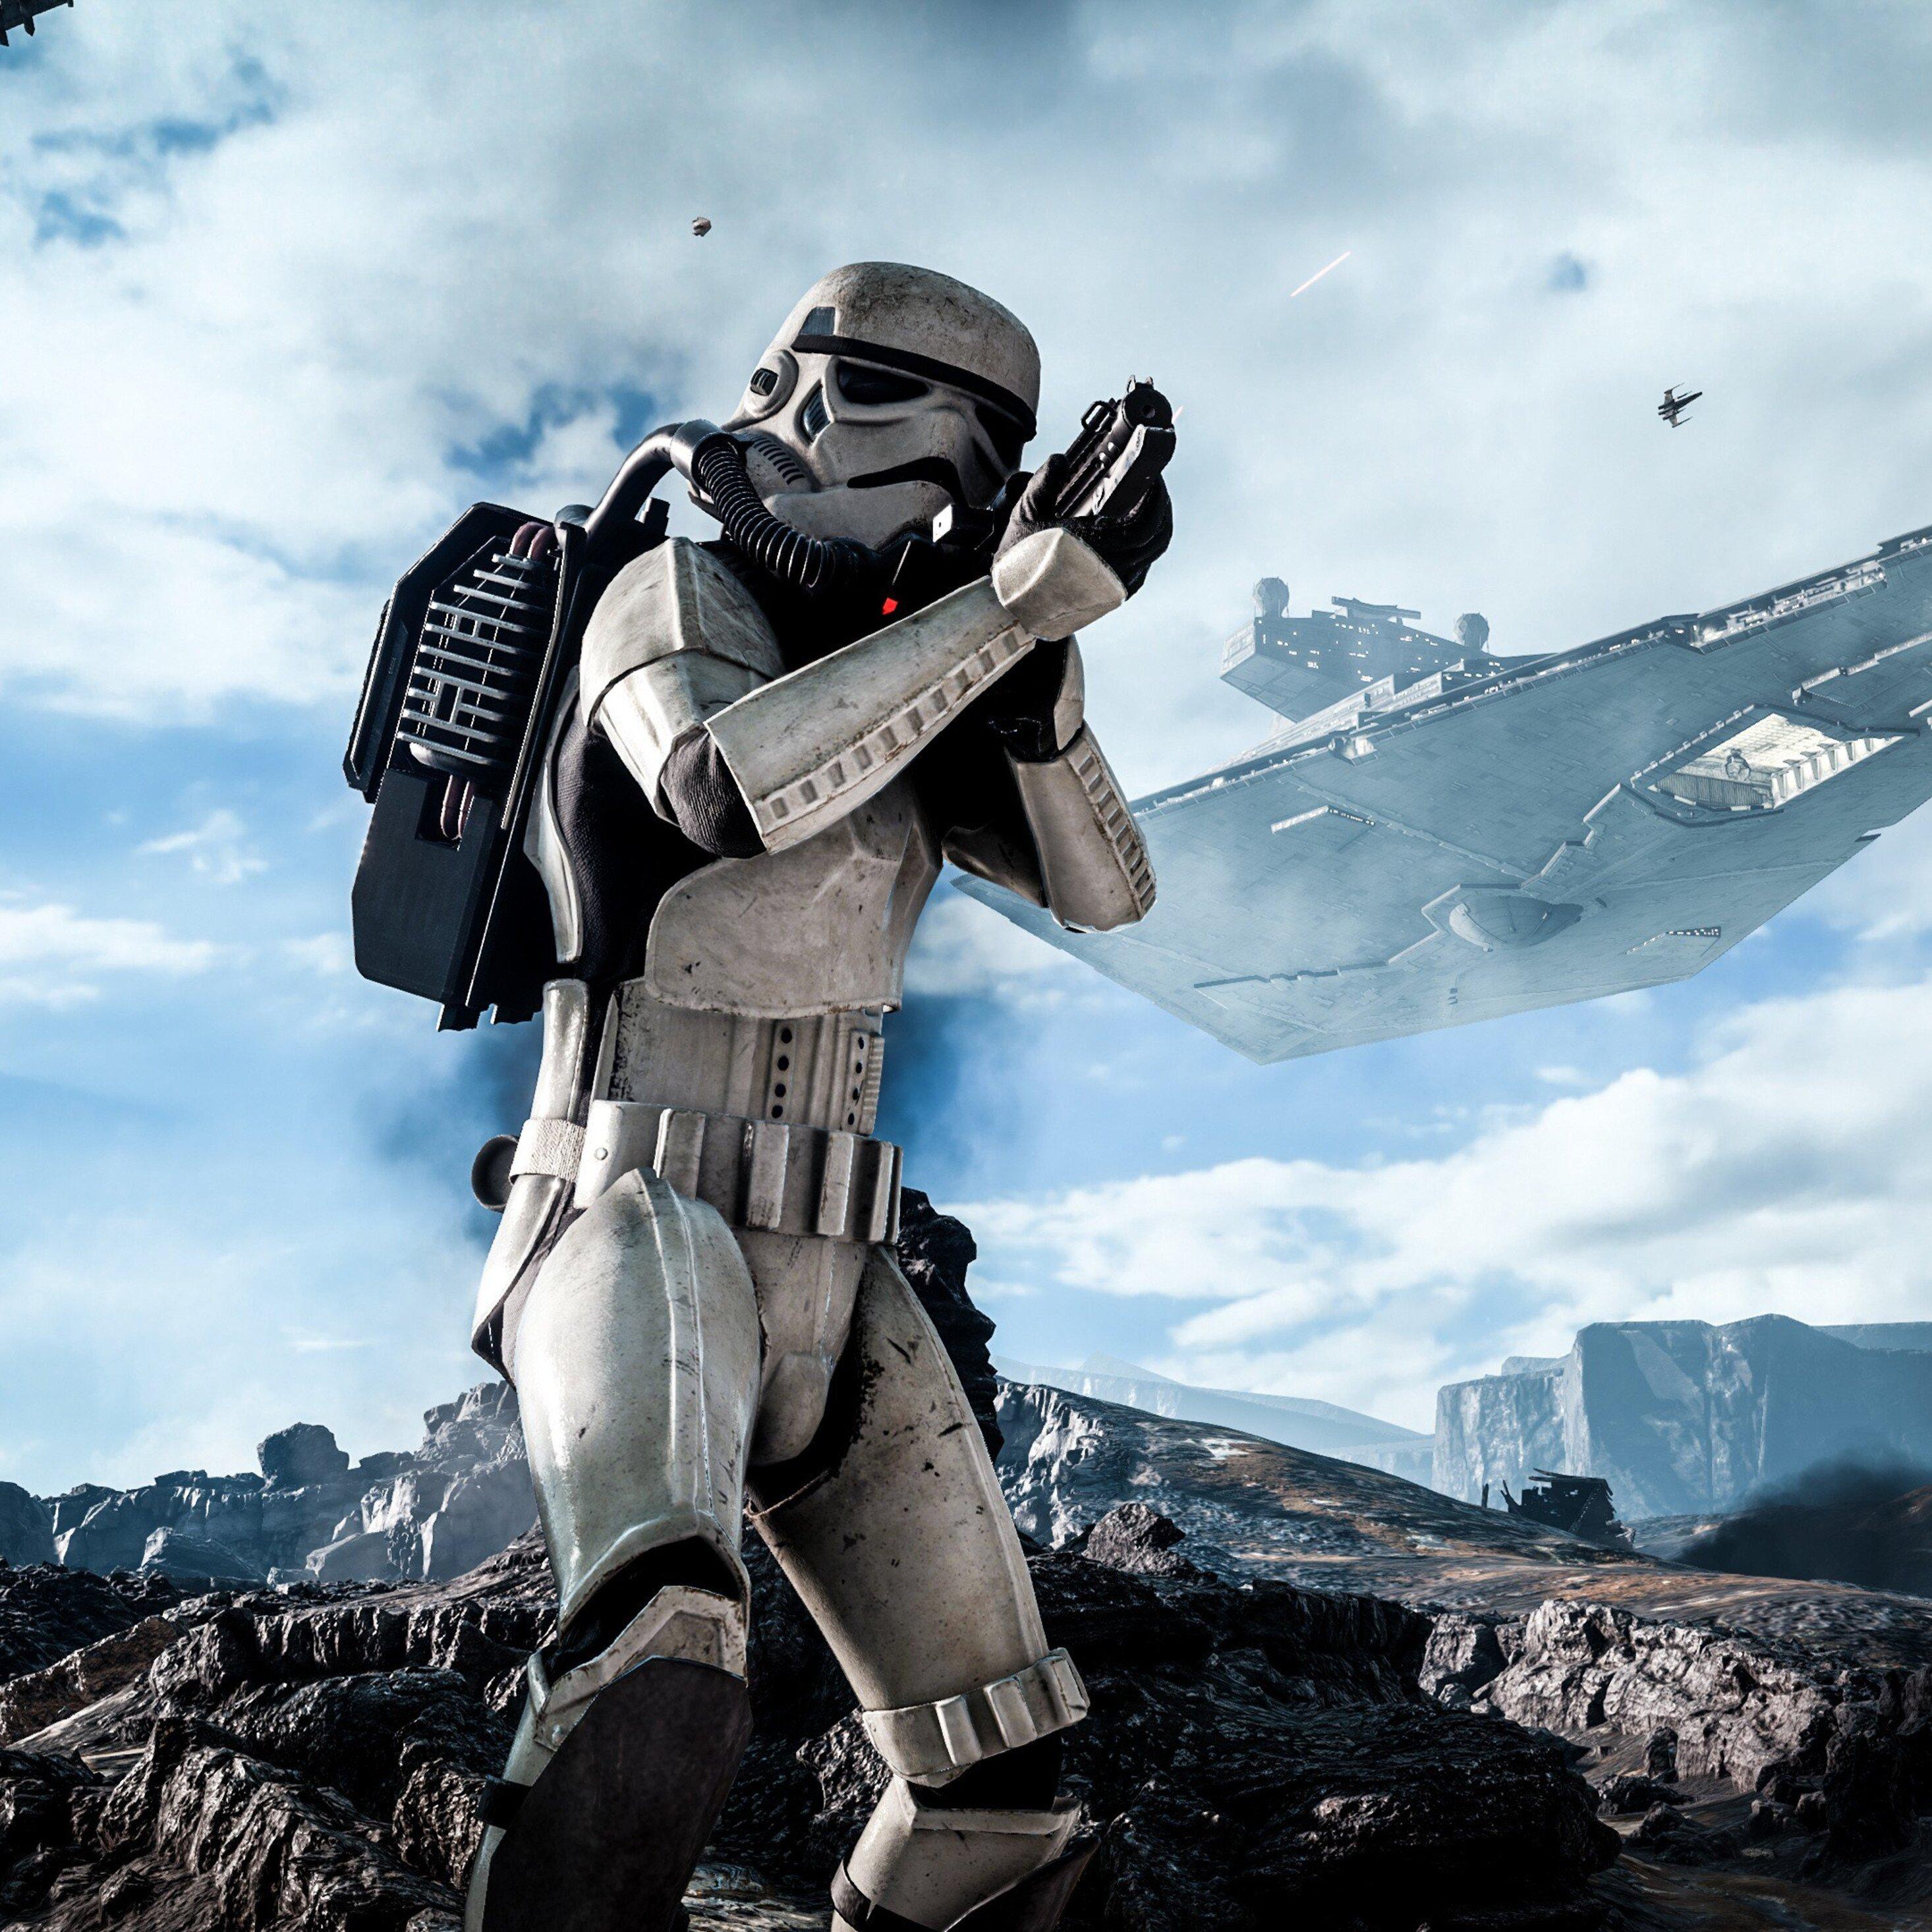 2932x2932 Stormtrooper In Star Wars Ipad Pro Retina Display